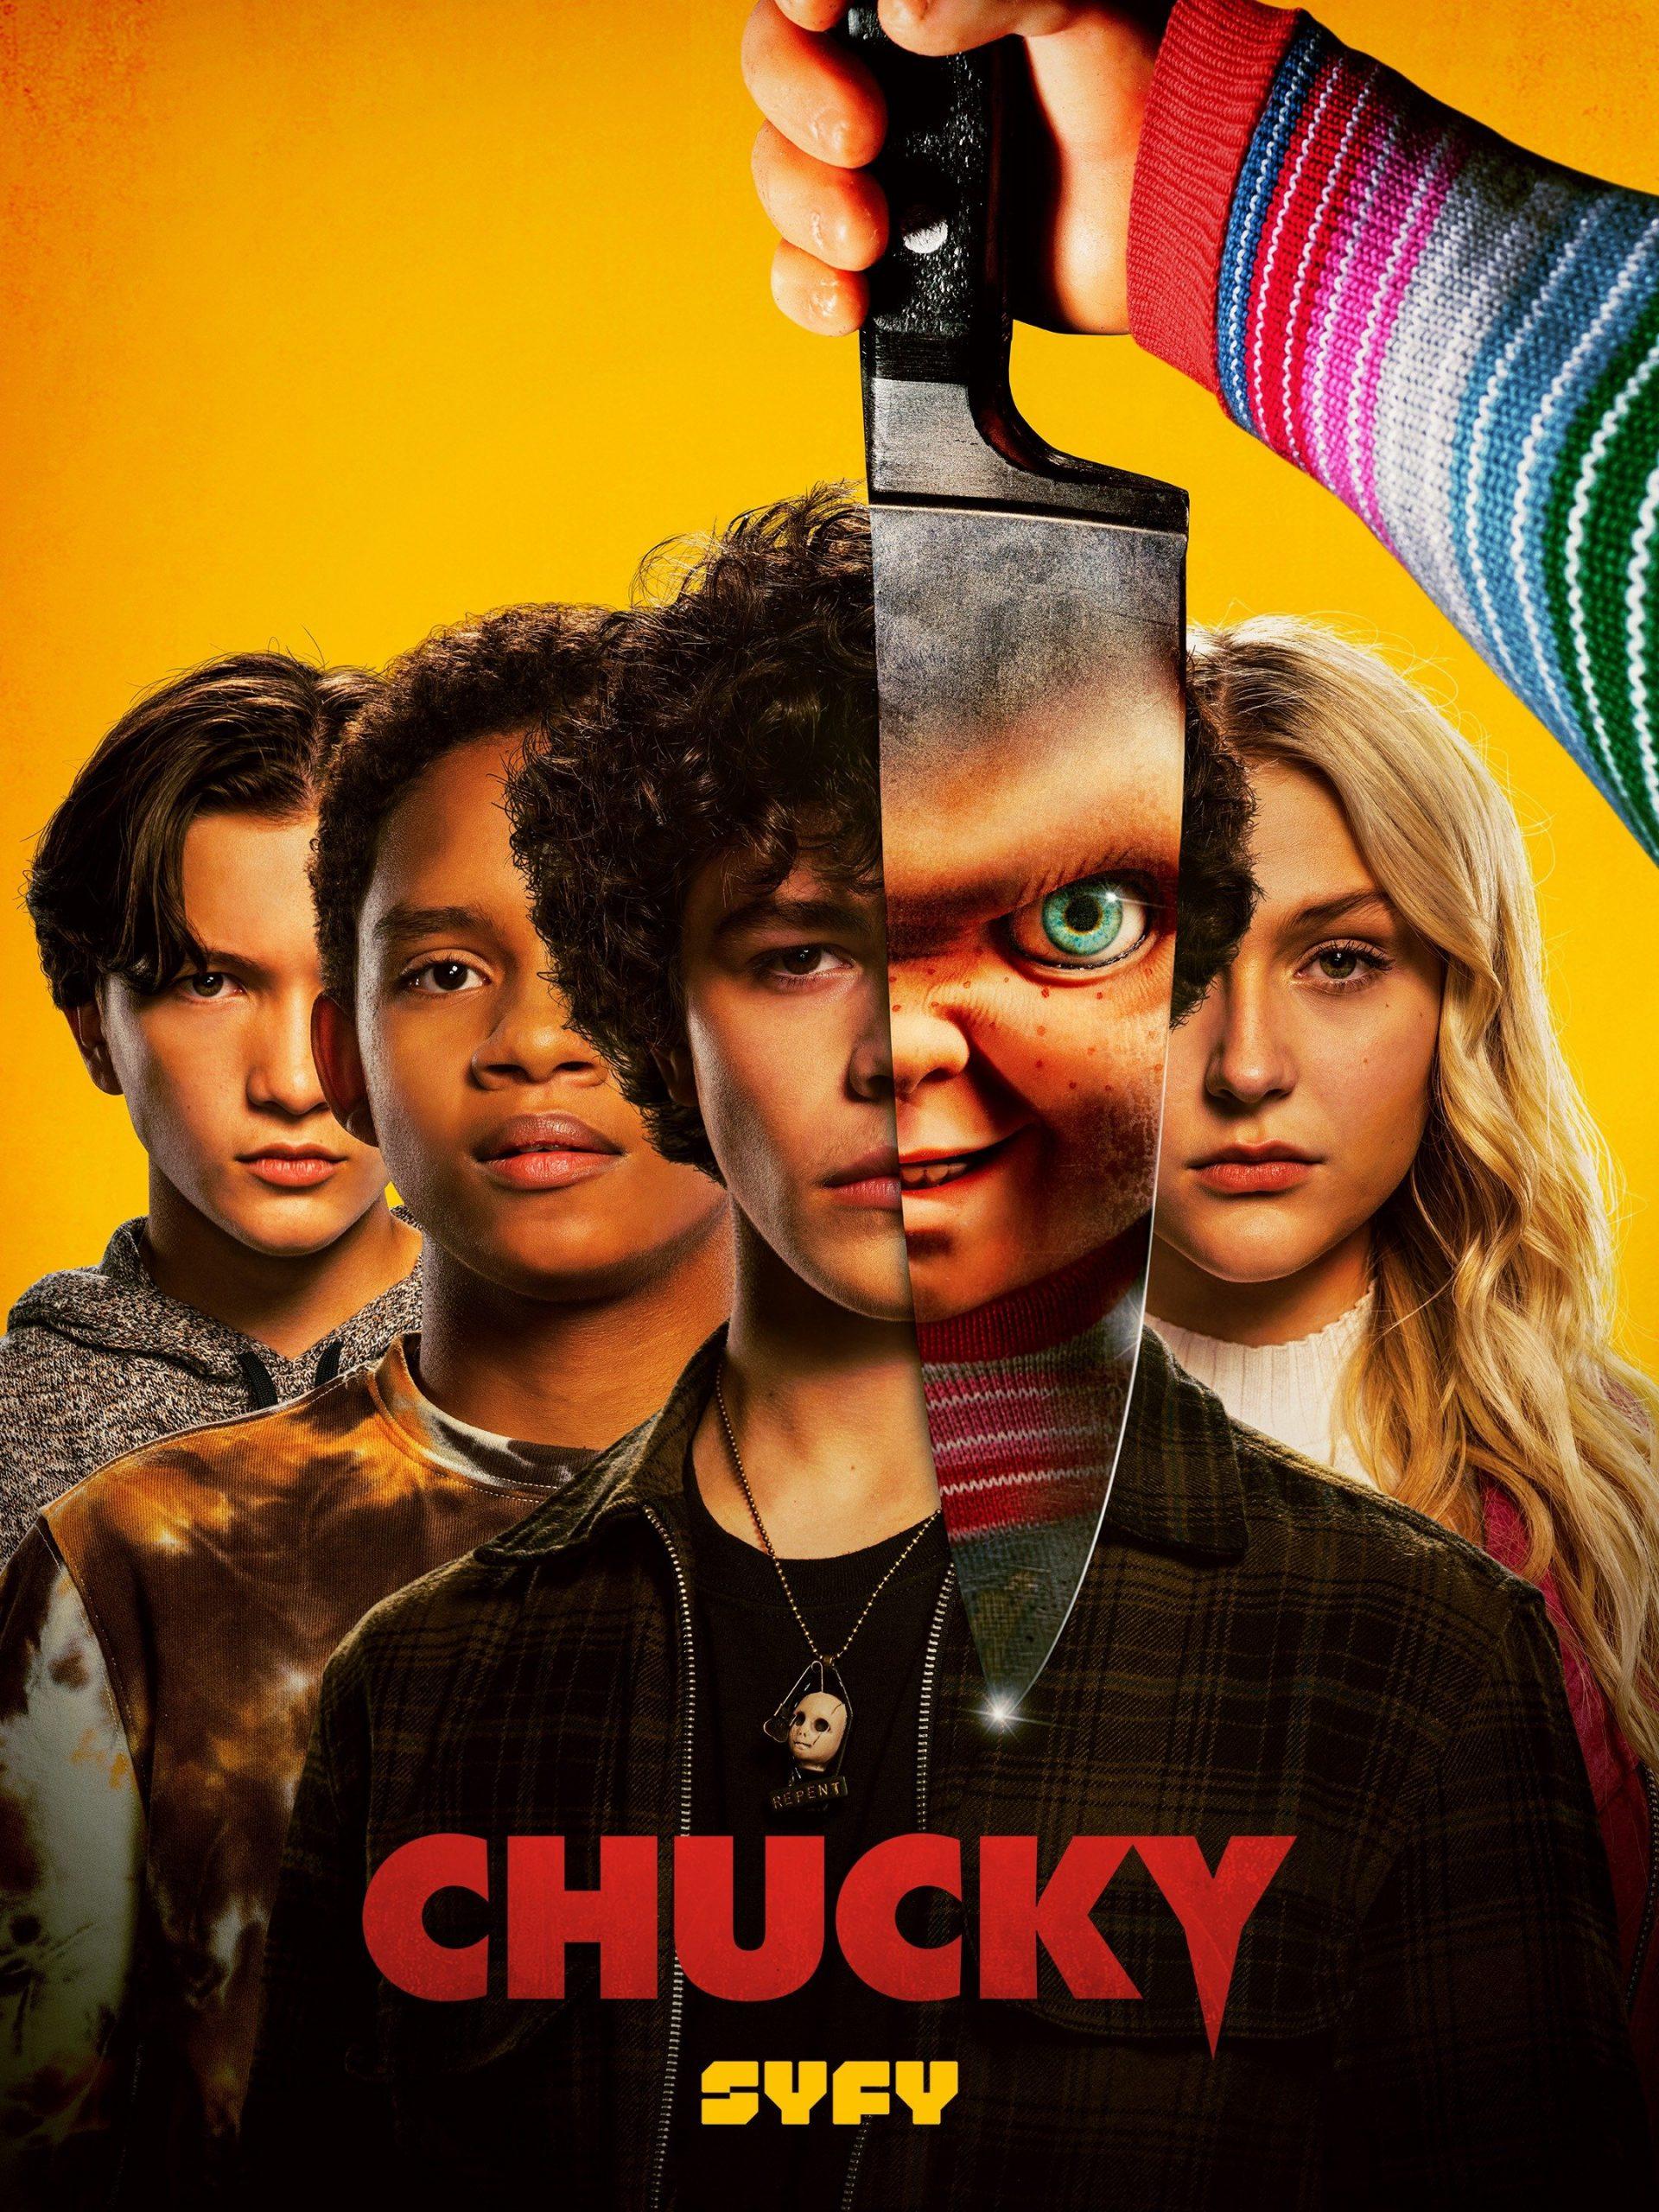 Chucky Scaled